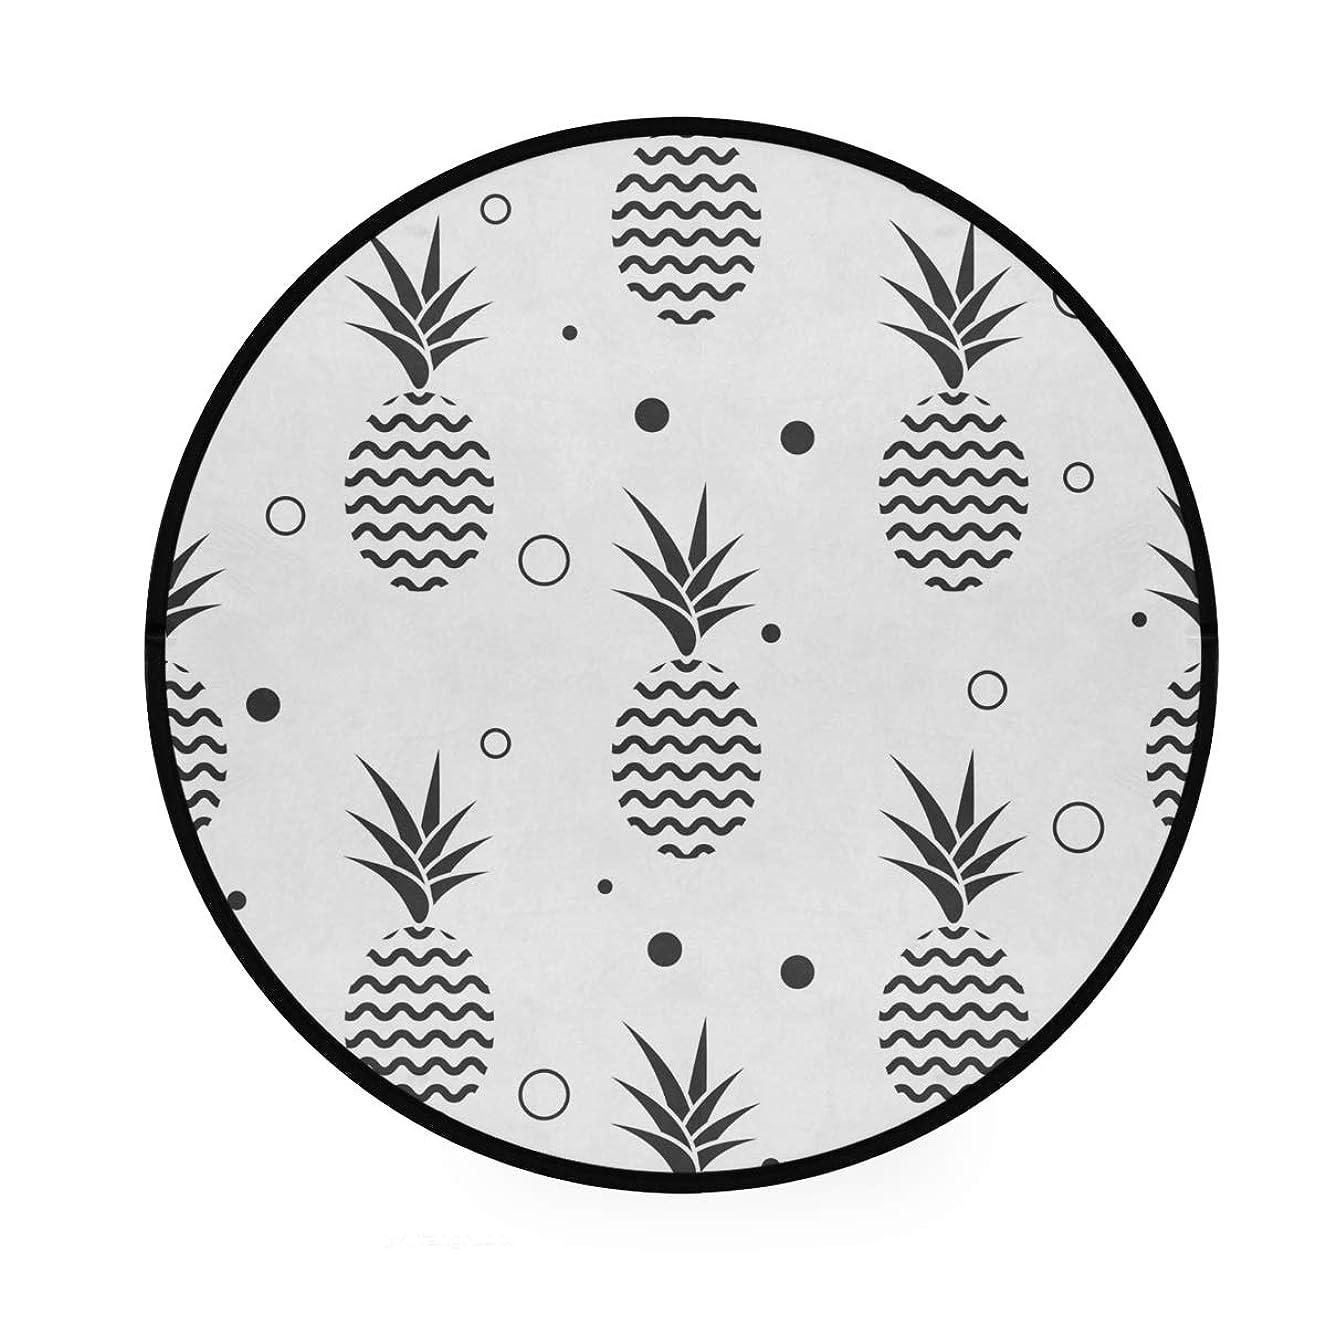 居住者ハンサム簡潔なラウンドマット パイナップル柄 簡単 円形マット 滑り止めのカーペットの丸い部屋 高級 丸いラグ 円形 リビング 子ども部屋 柔らかい エコ 防音 防カビ抗菌 オールシーズン使用 直径92cm